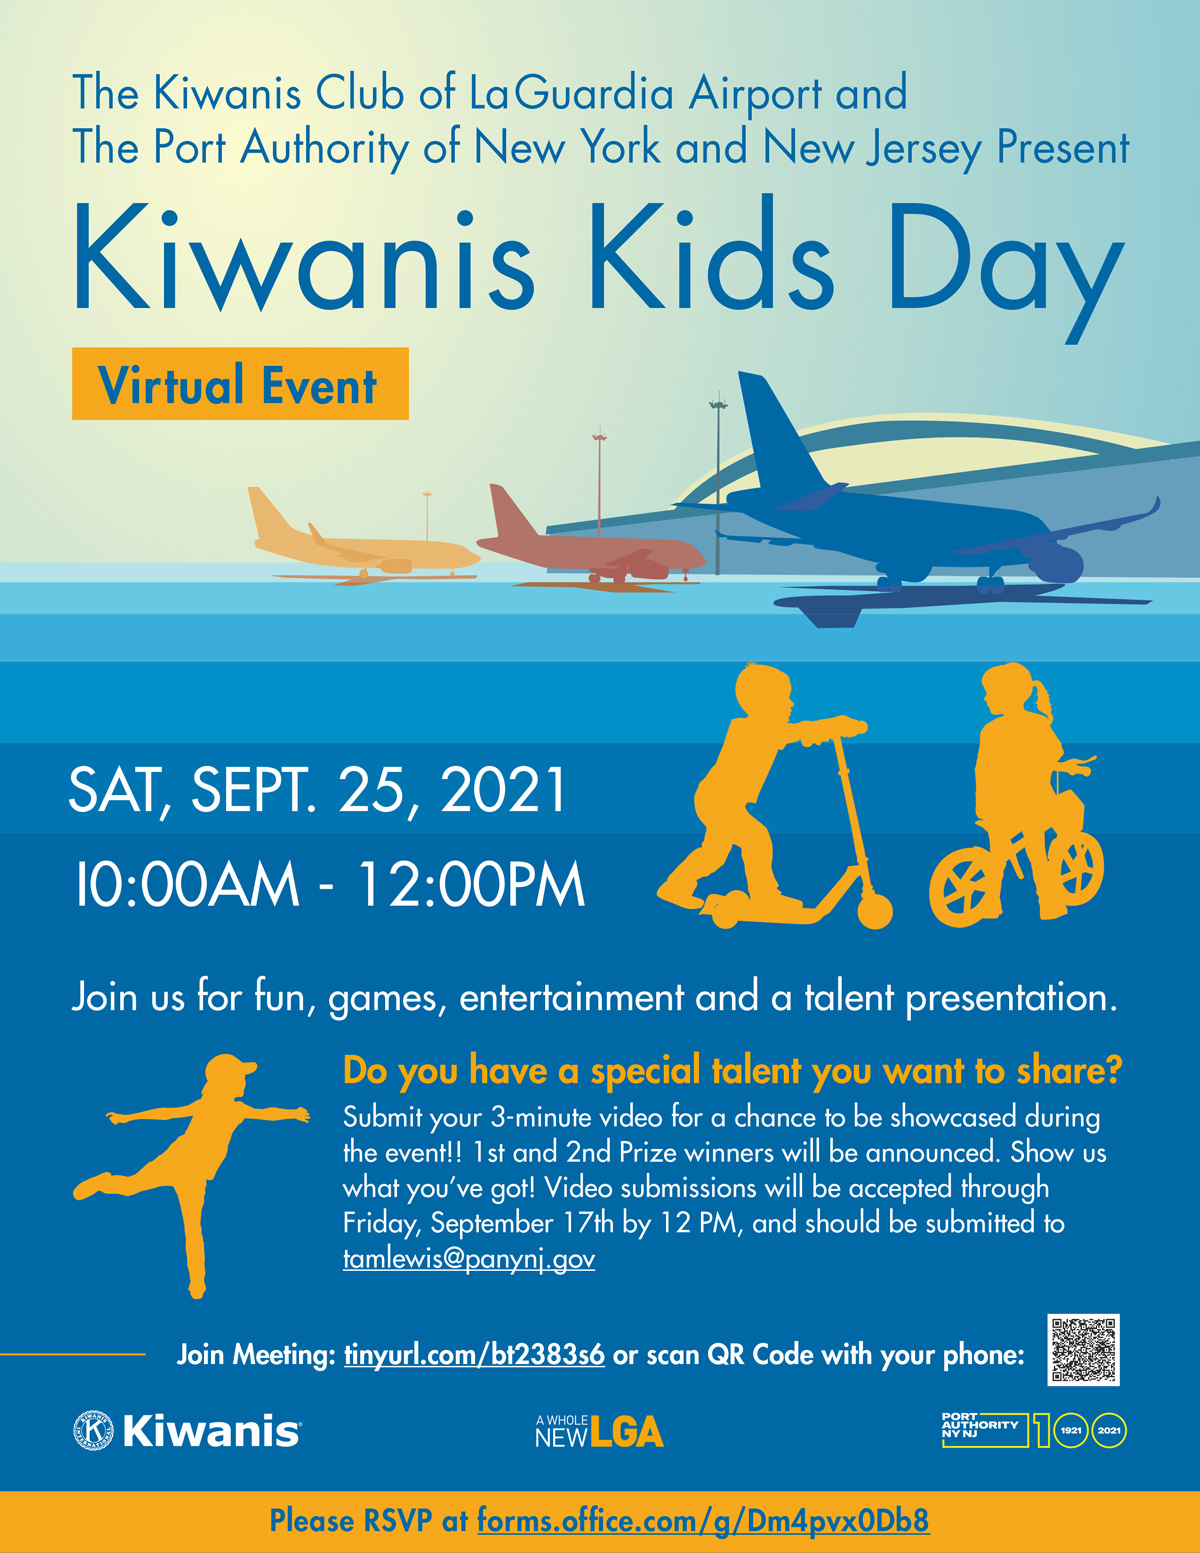 Kiwanis Kids Day 2021